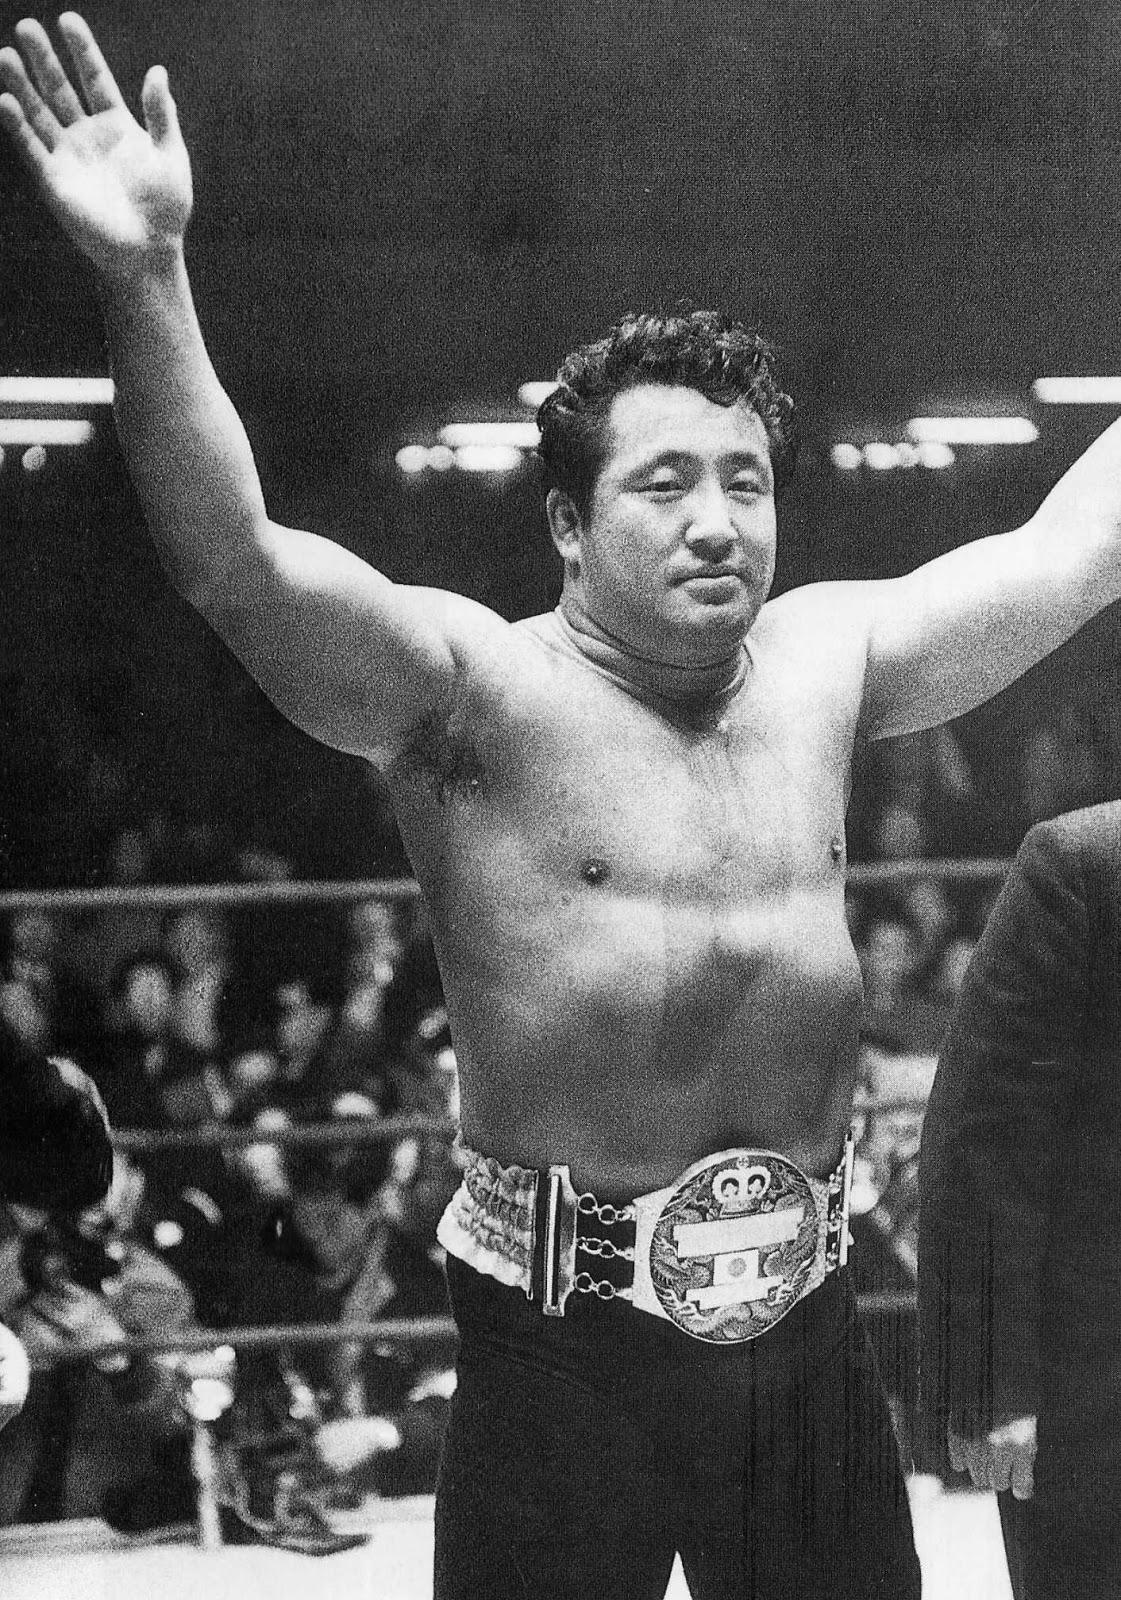 プロレスのリングでチャンピオンベルトを着けて両手を上げる力道山